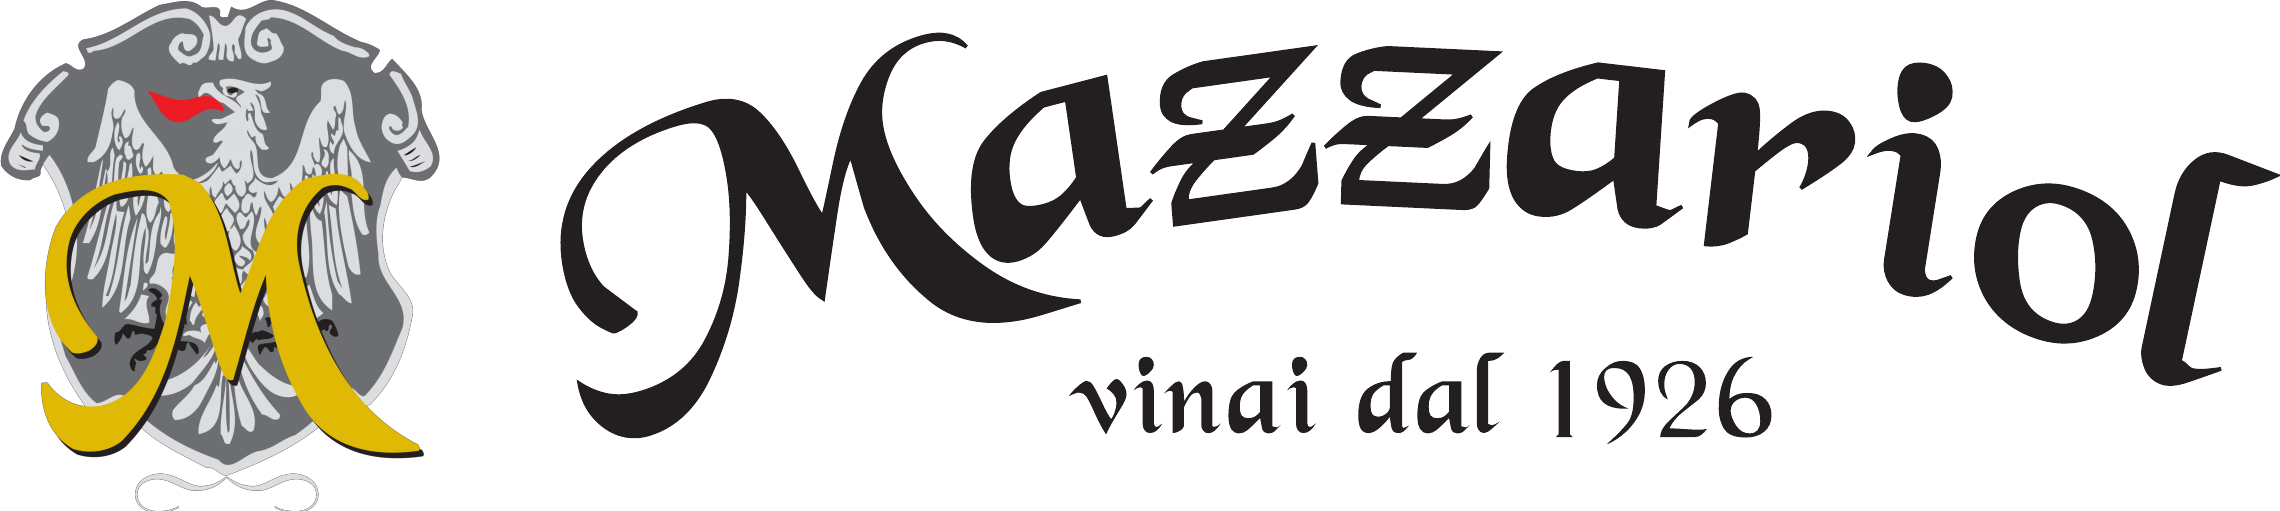 Azienda Vinicola Mazzariol